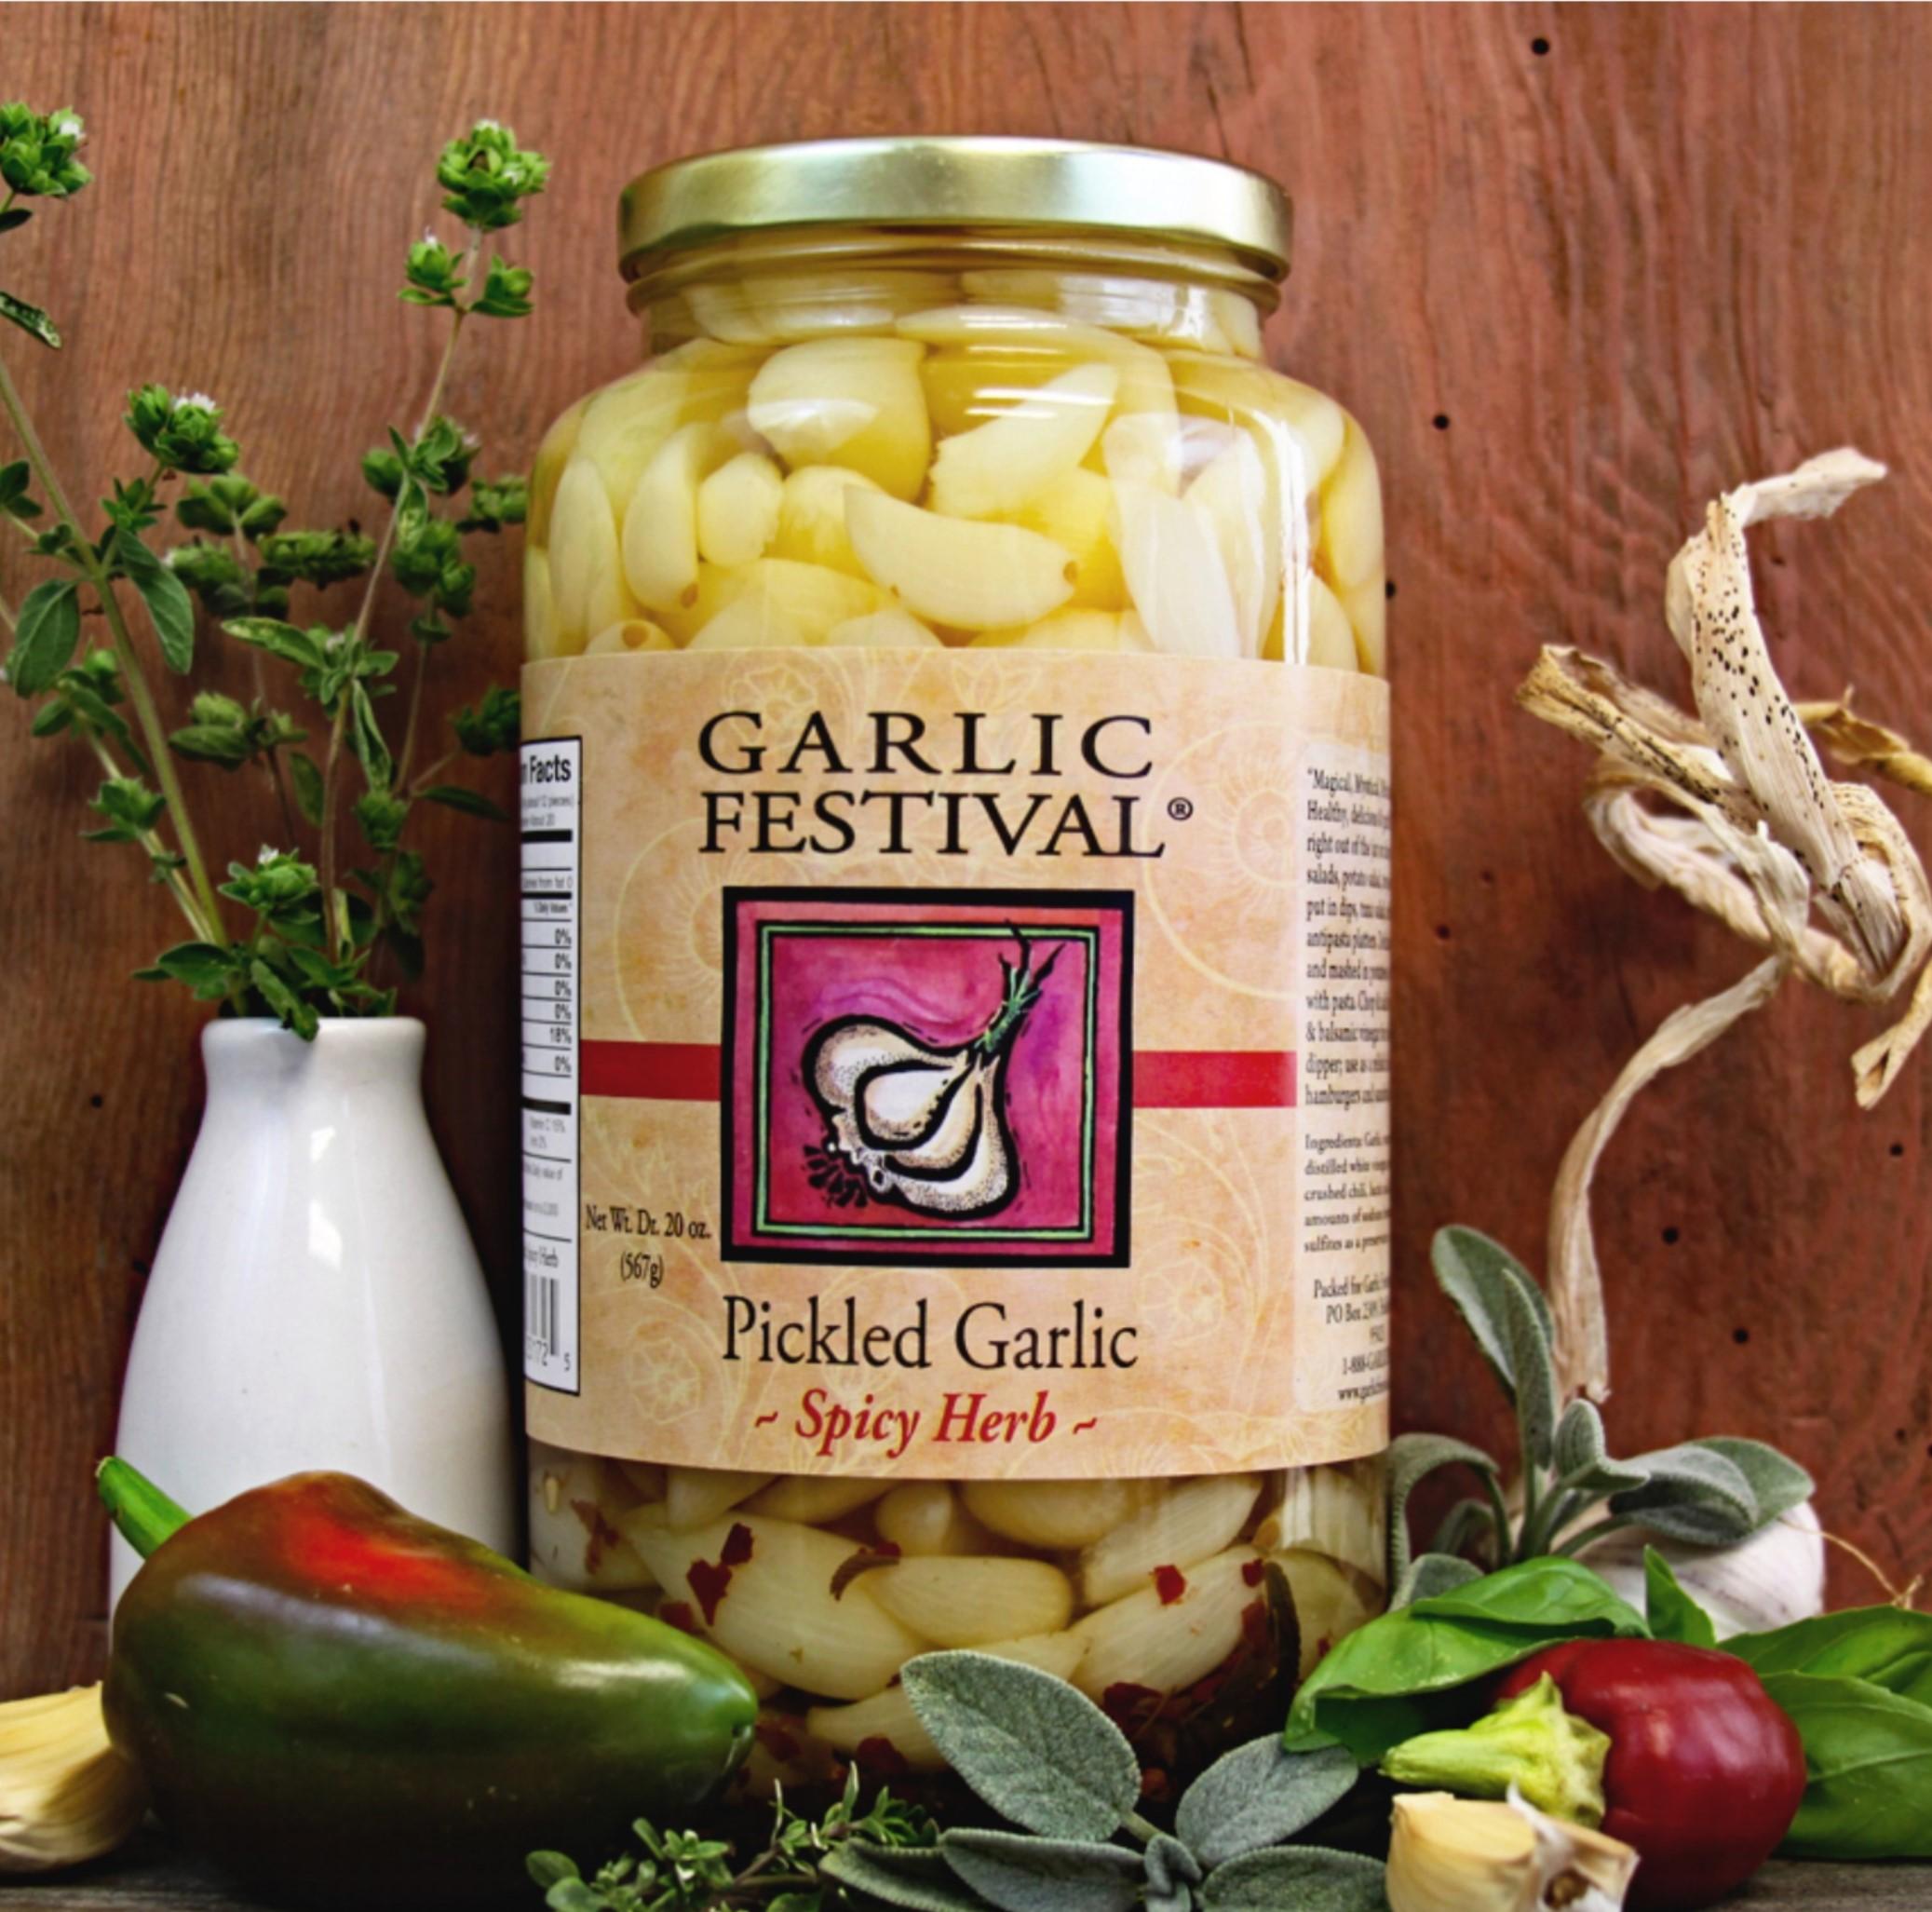 Spicy Herb Pickled Garlic Quart